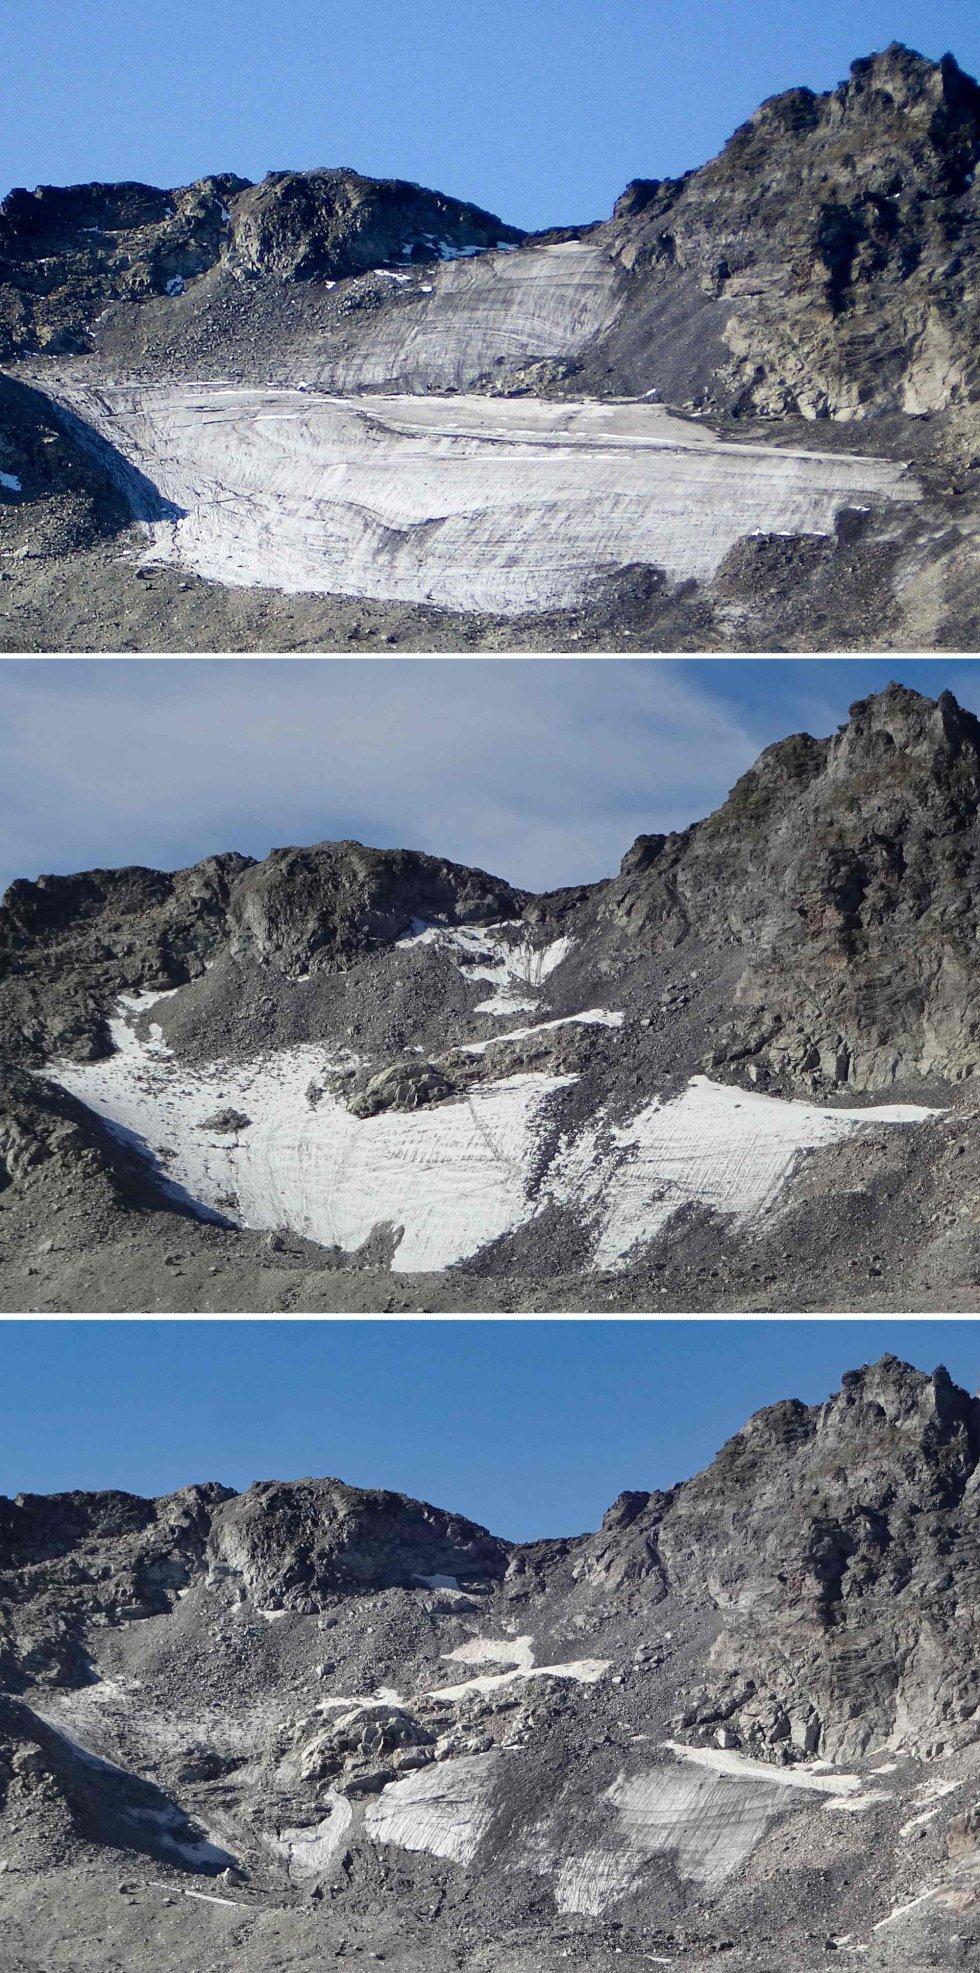 Resultado de imagen para glaciares en suiza e islandia